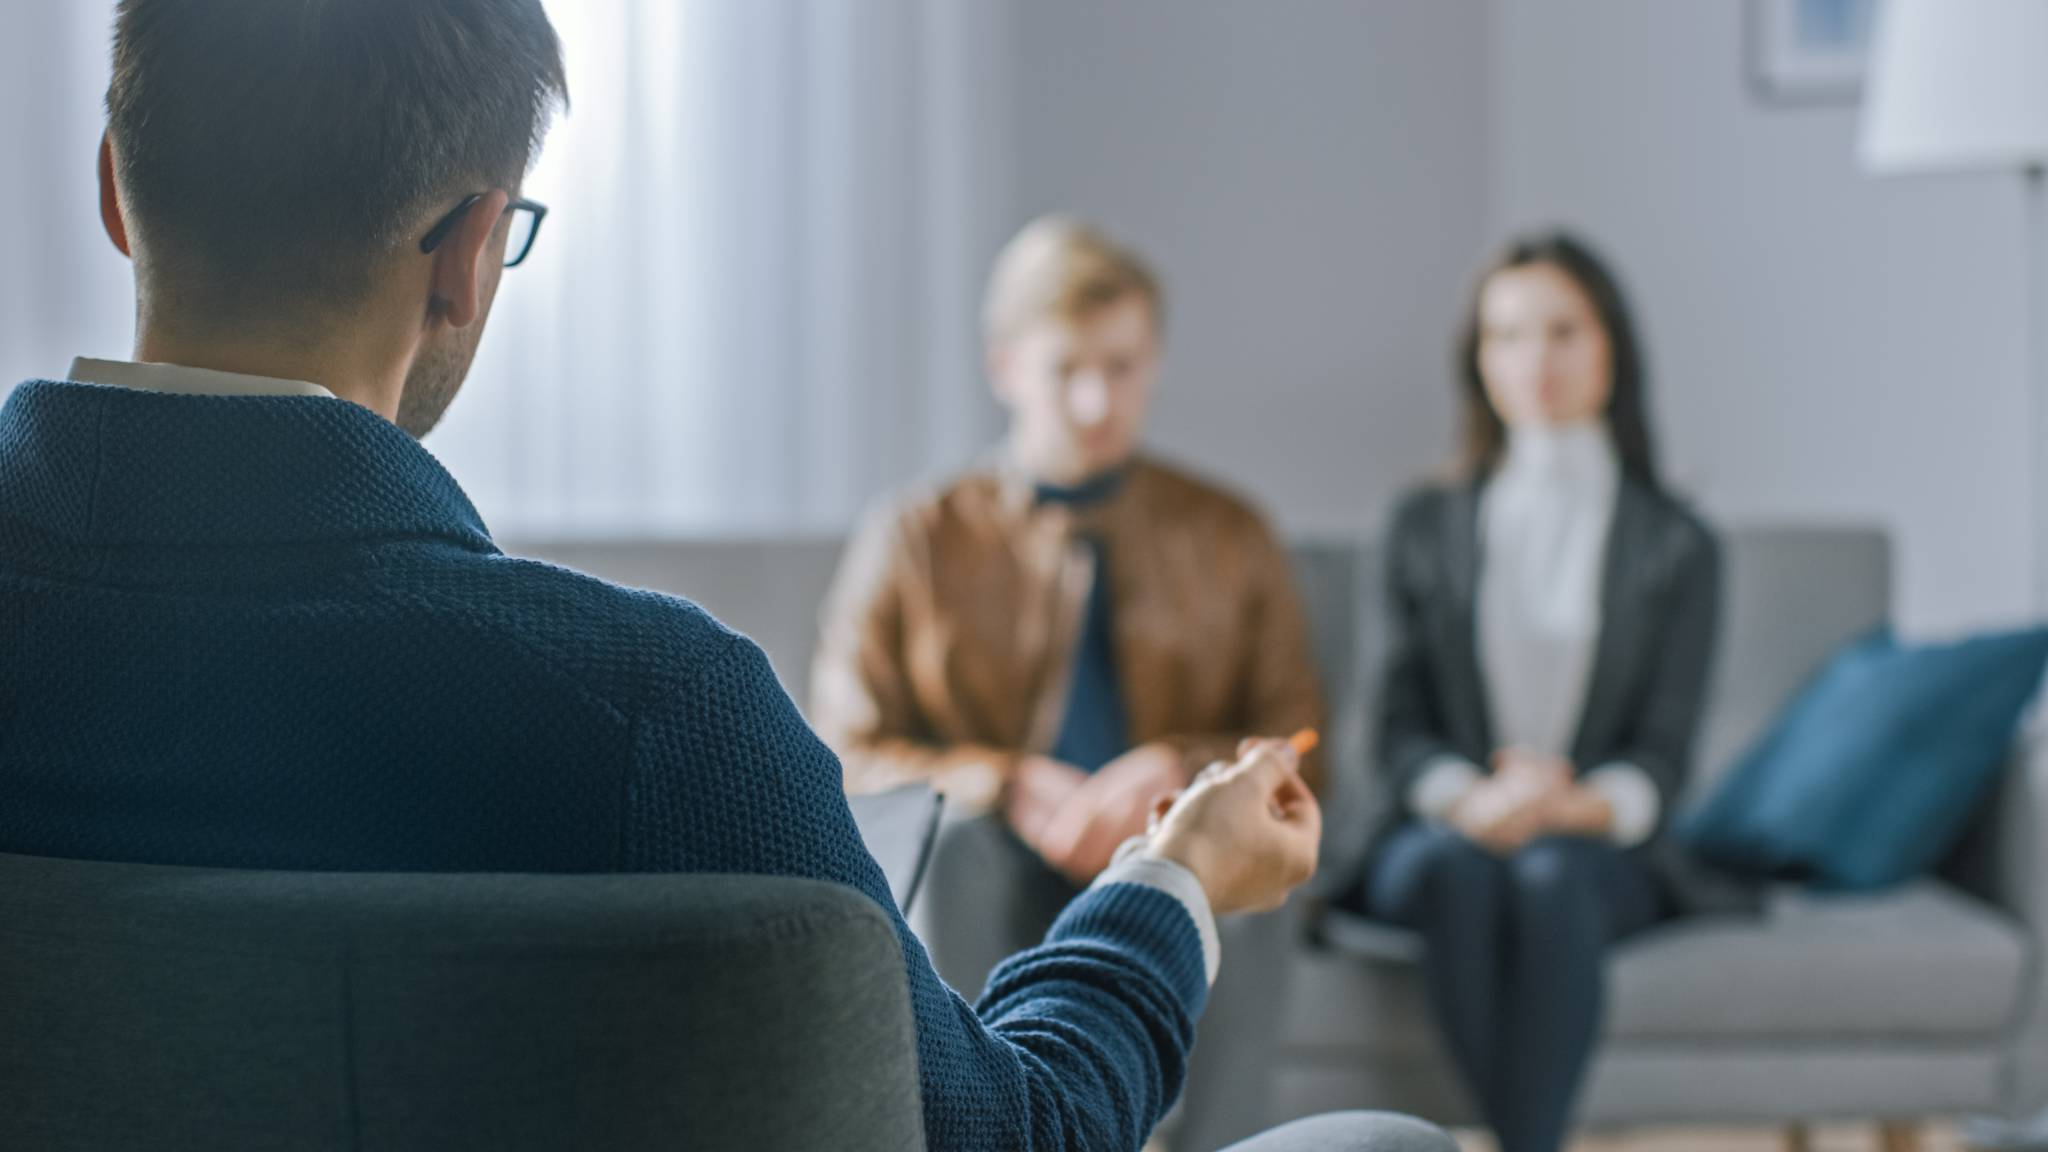 Wizyta u seksuologa - kiedy zwrócić się po pomoc